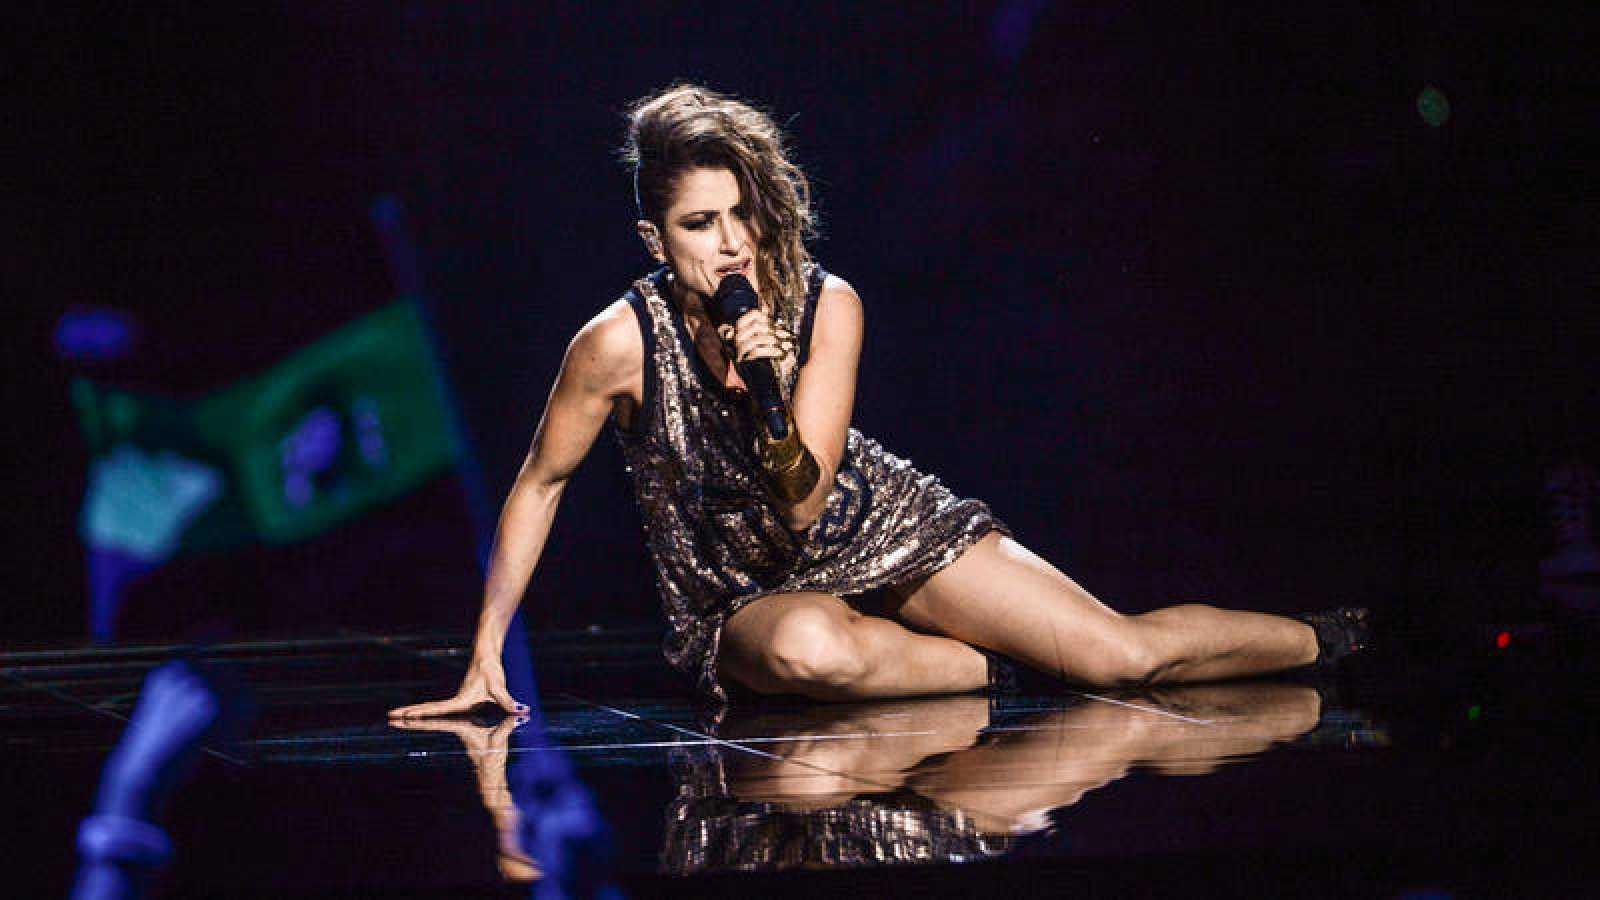 La representante de España, Barei, interpretando la canción 'Say Yay!' en el festival de Eurovisión 2016.